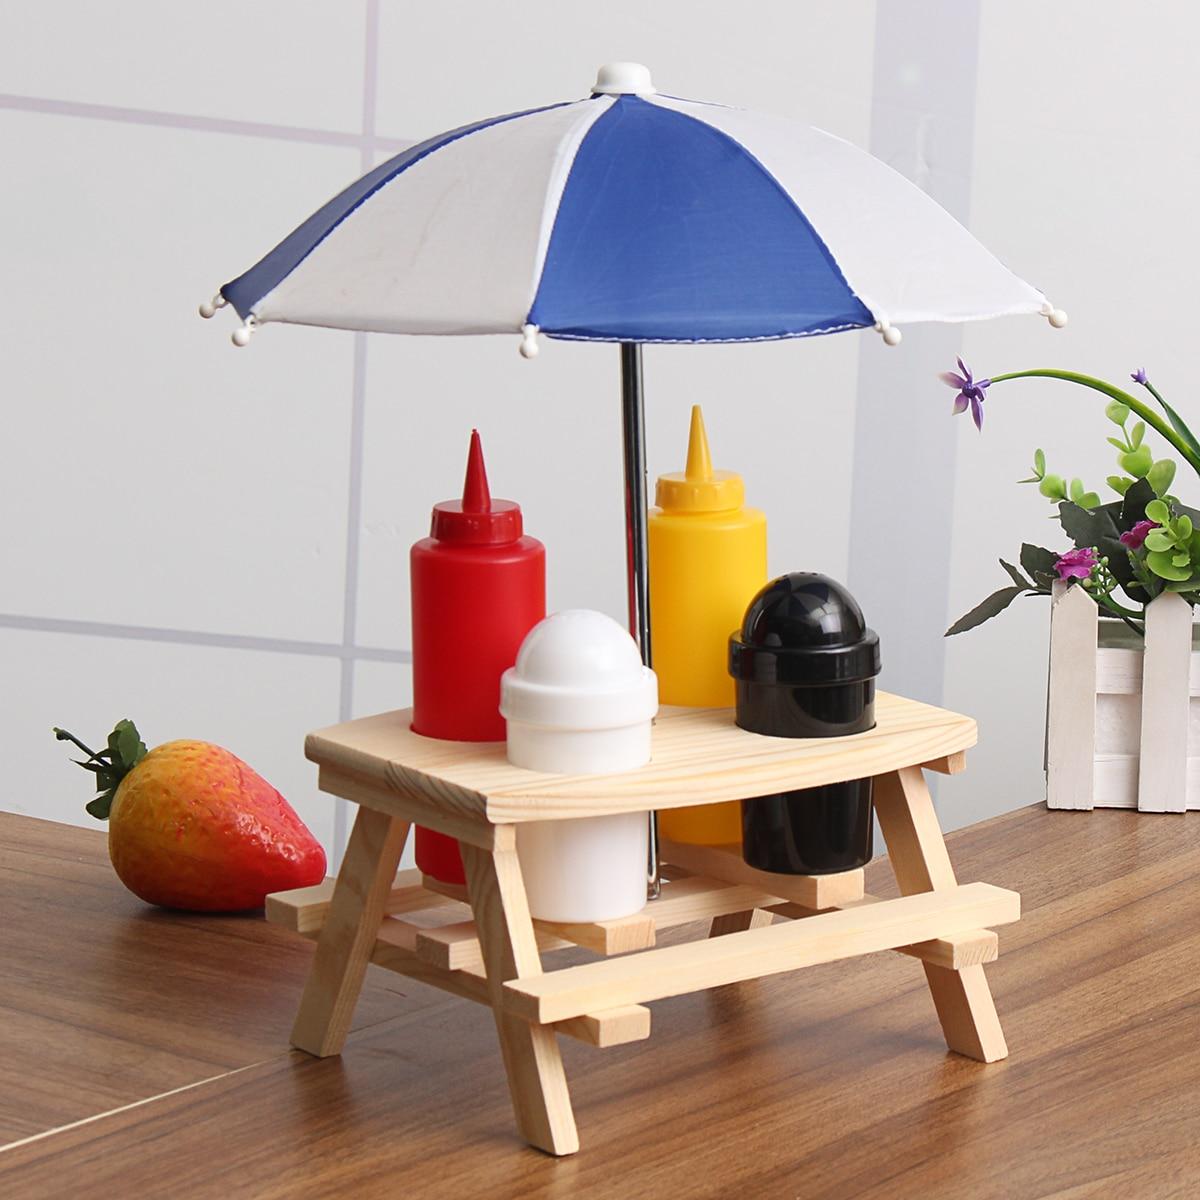 Tavolo Ombrellone Panchina Ampolla Condimento Vaso Set Sale Pepe Bottiglia di Salsa di Supporto Picnic Camping BBQ Accessori Da Cucina Condimento Cremagliera